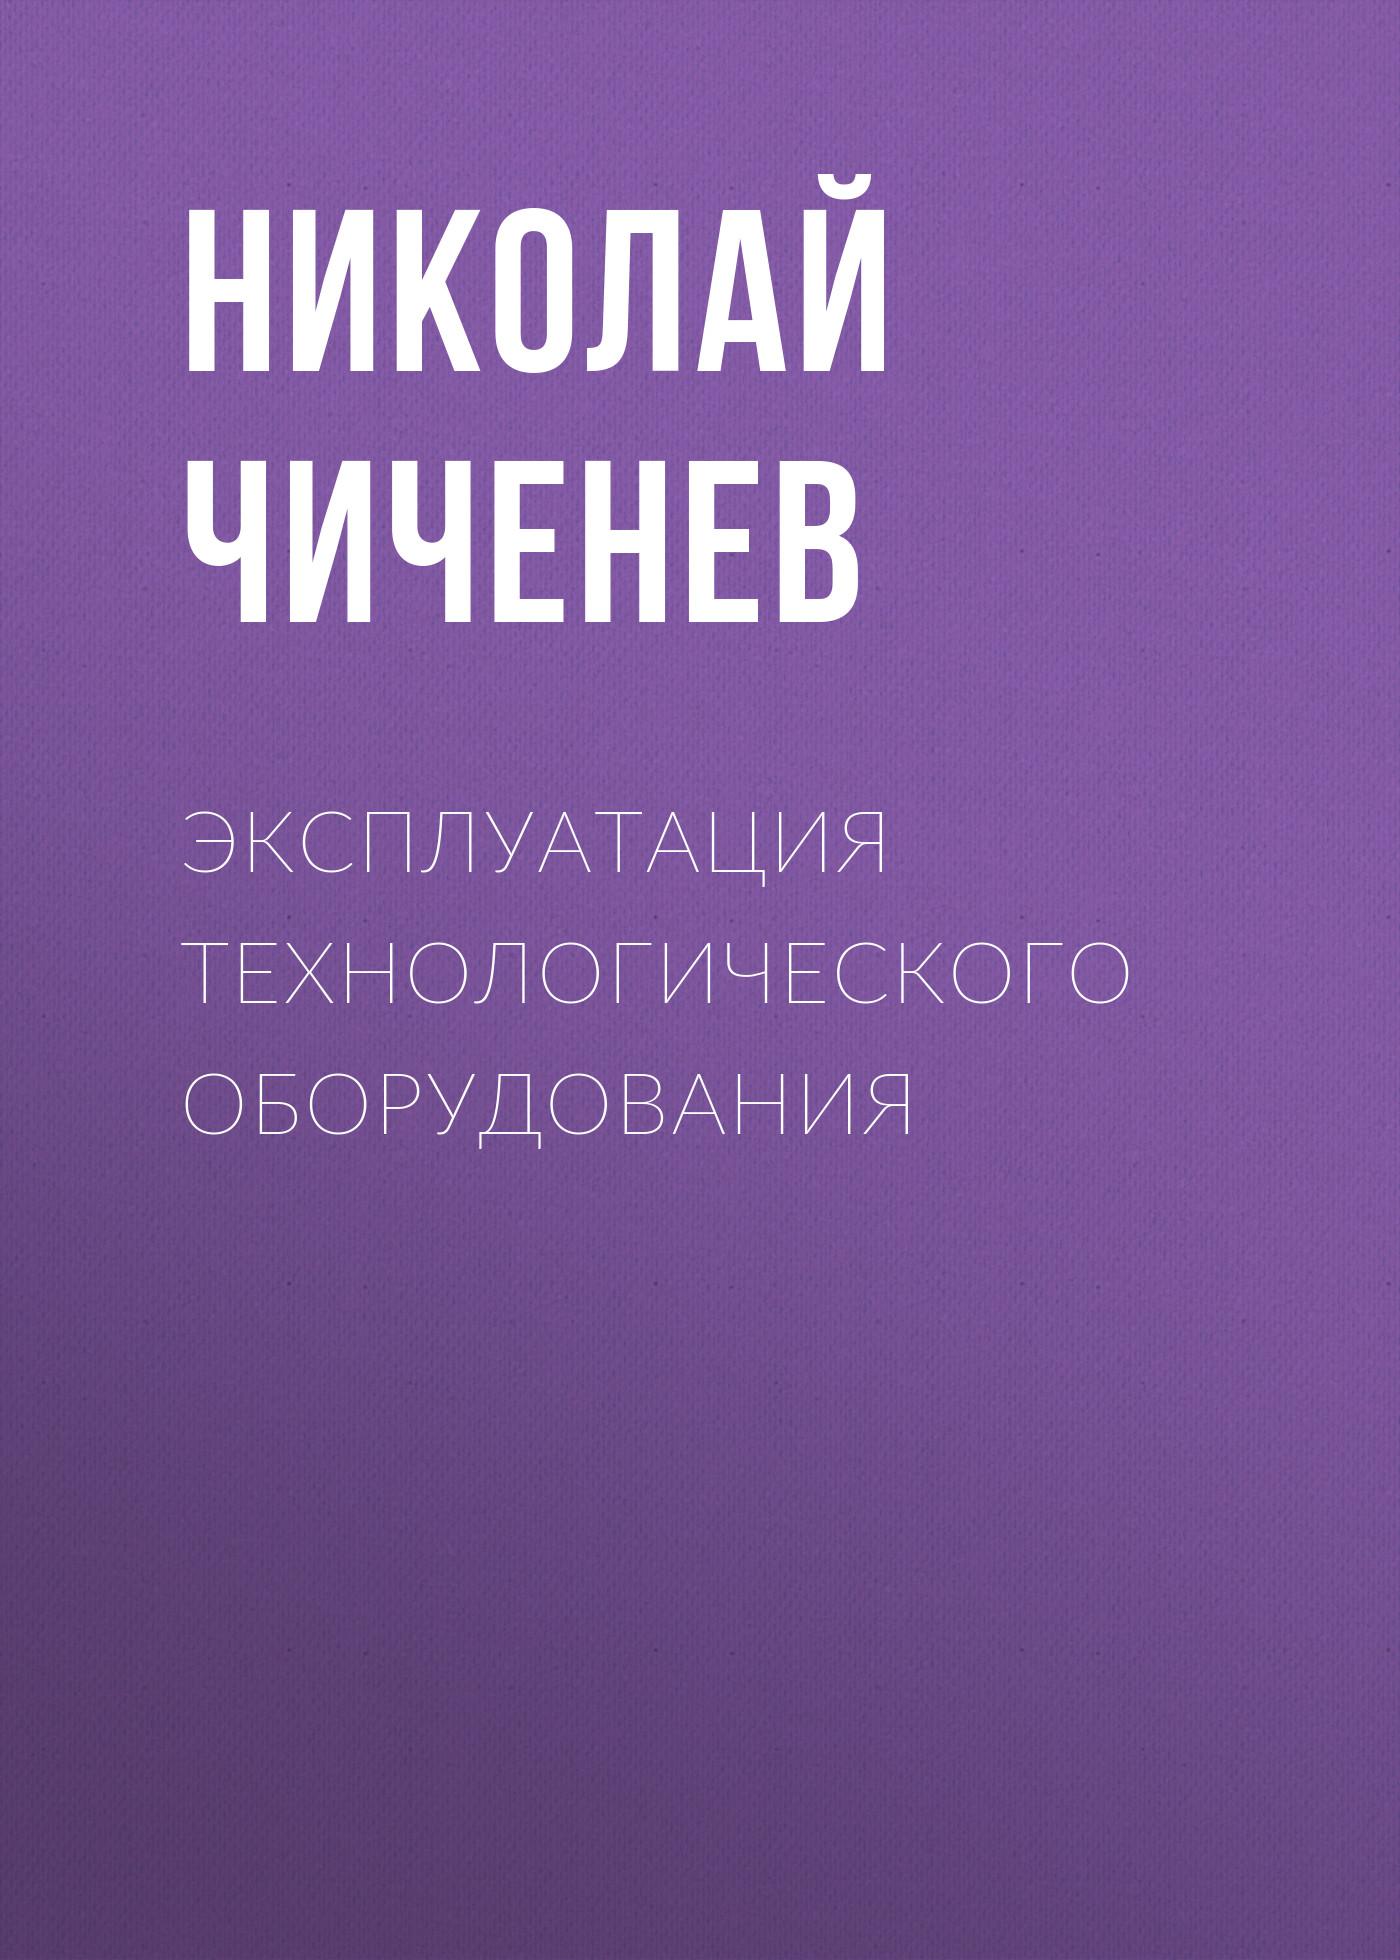 Николай Чиченев Эксплуатация технологического оборудования оборудование